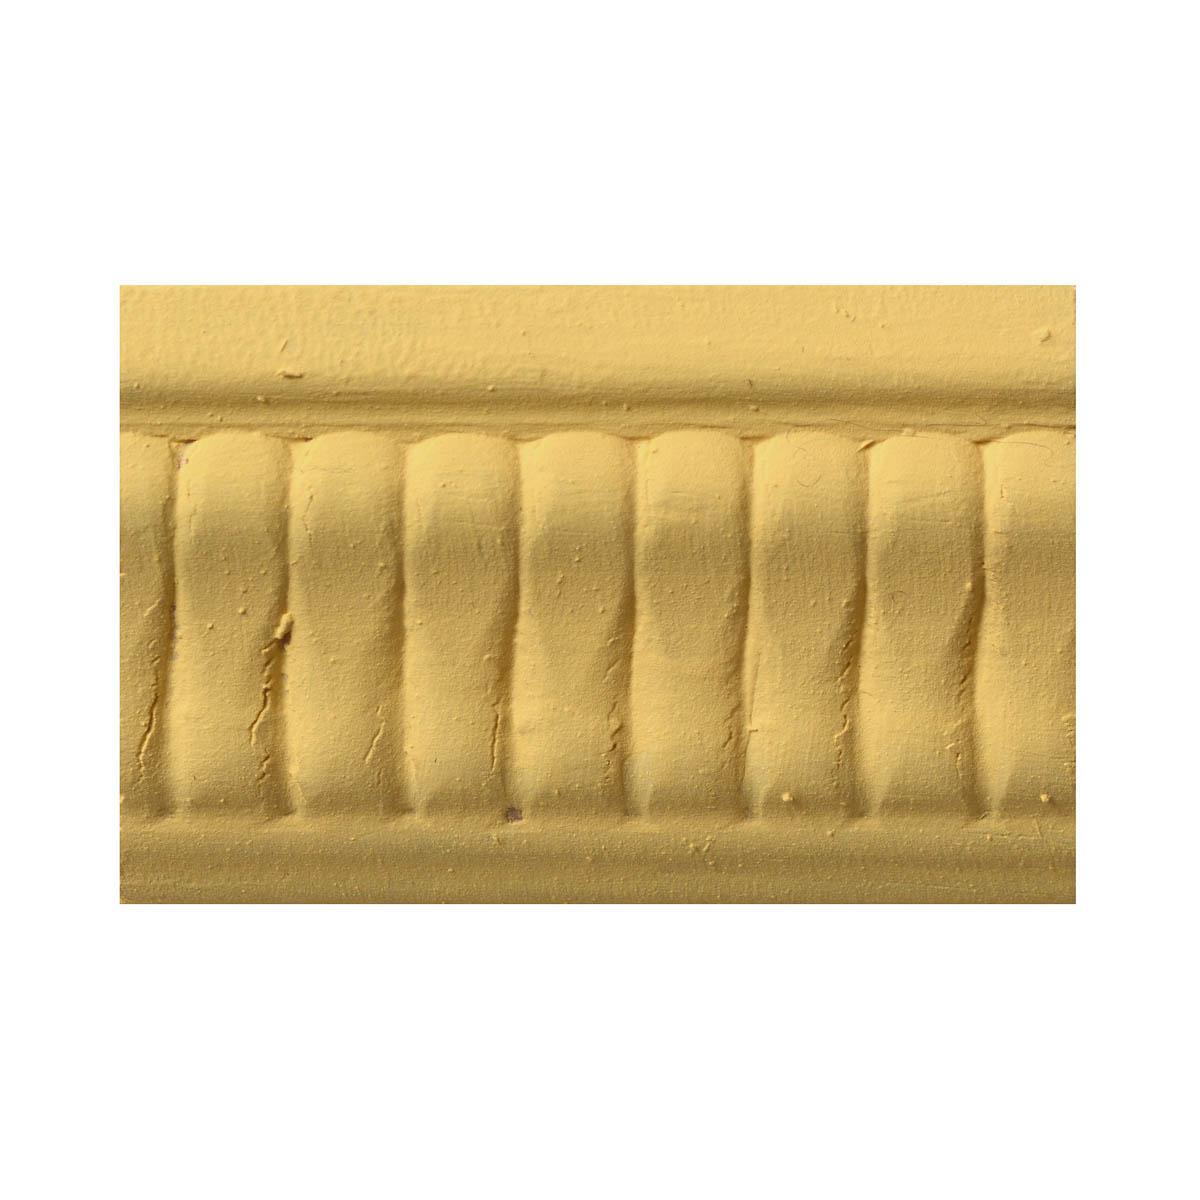 Waverly ® Inspirations Chalk Acrylic Paint - Maize, 8 oz.